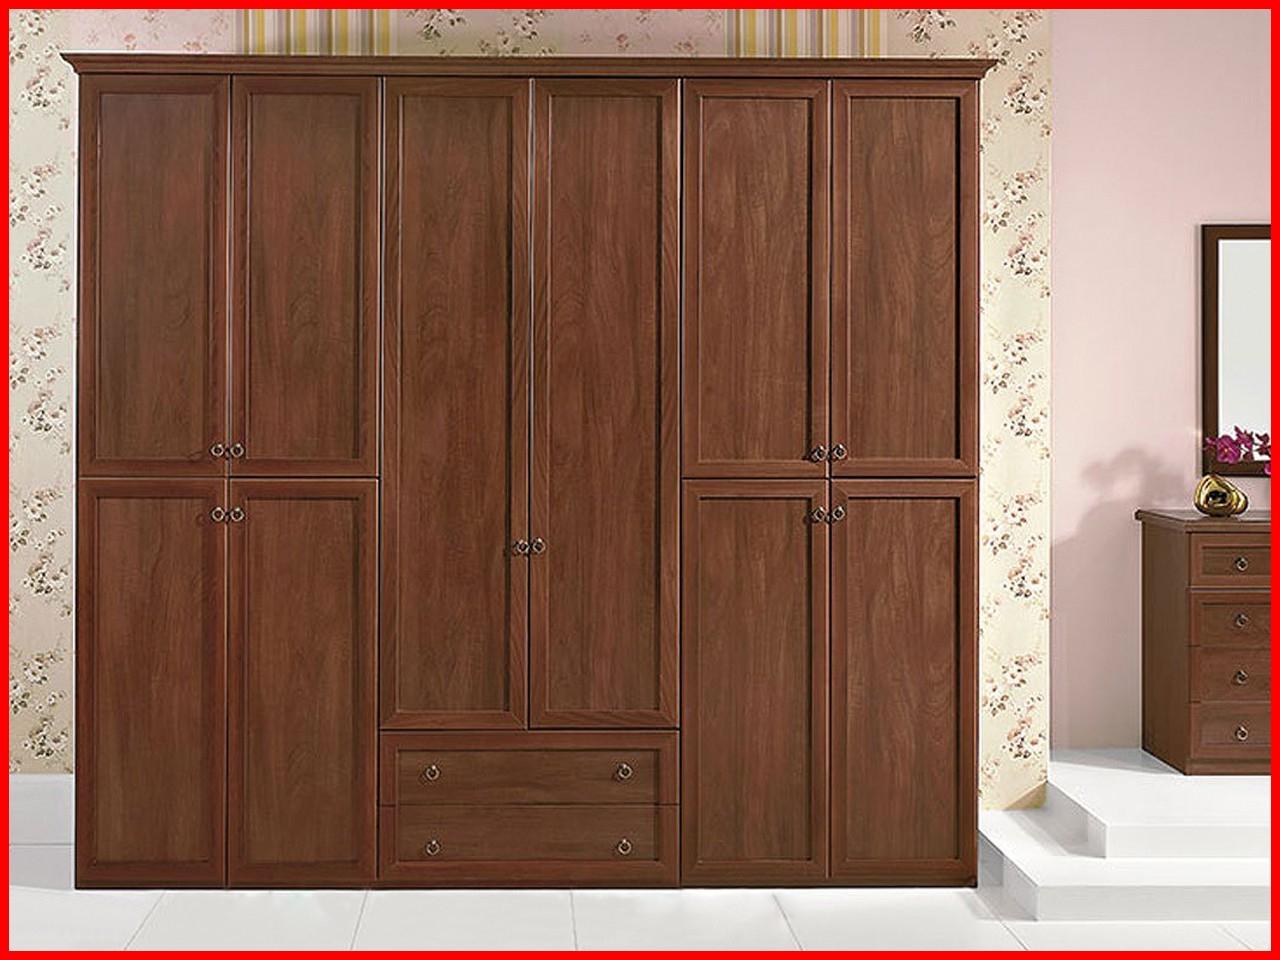 Armario puertas correderas carrefour armario puertas for Armarios de resina baratos carrefour